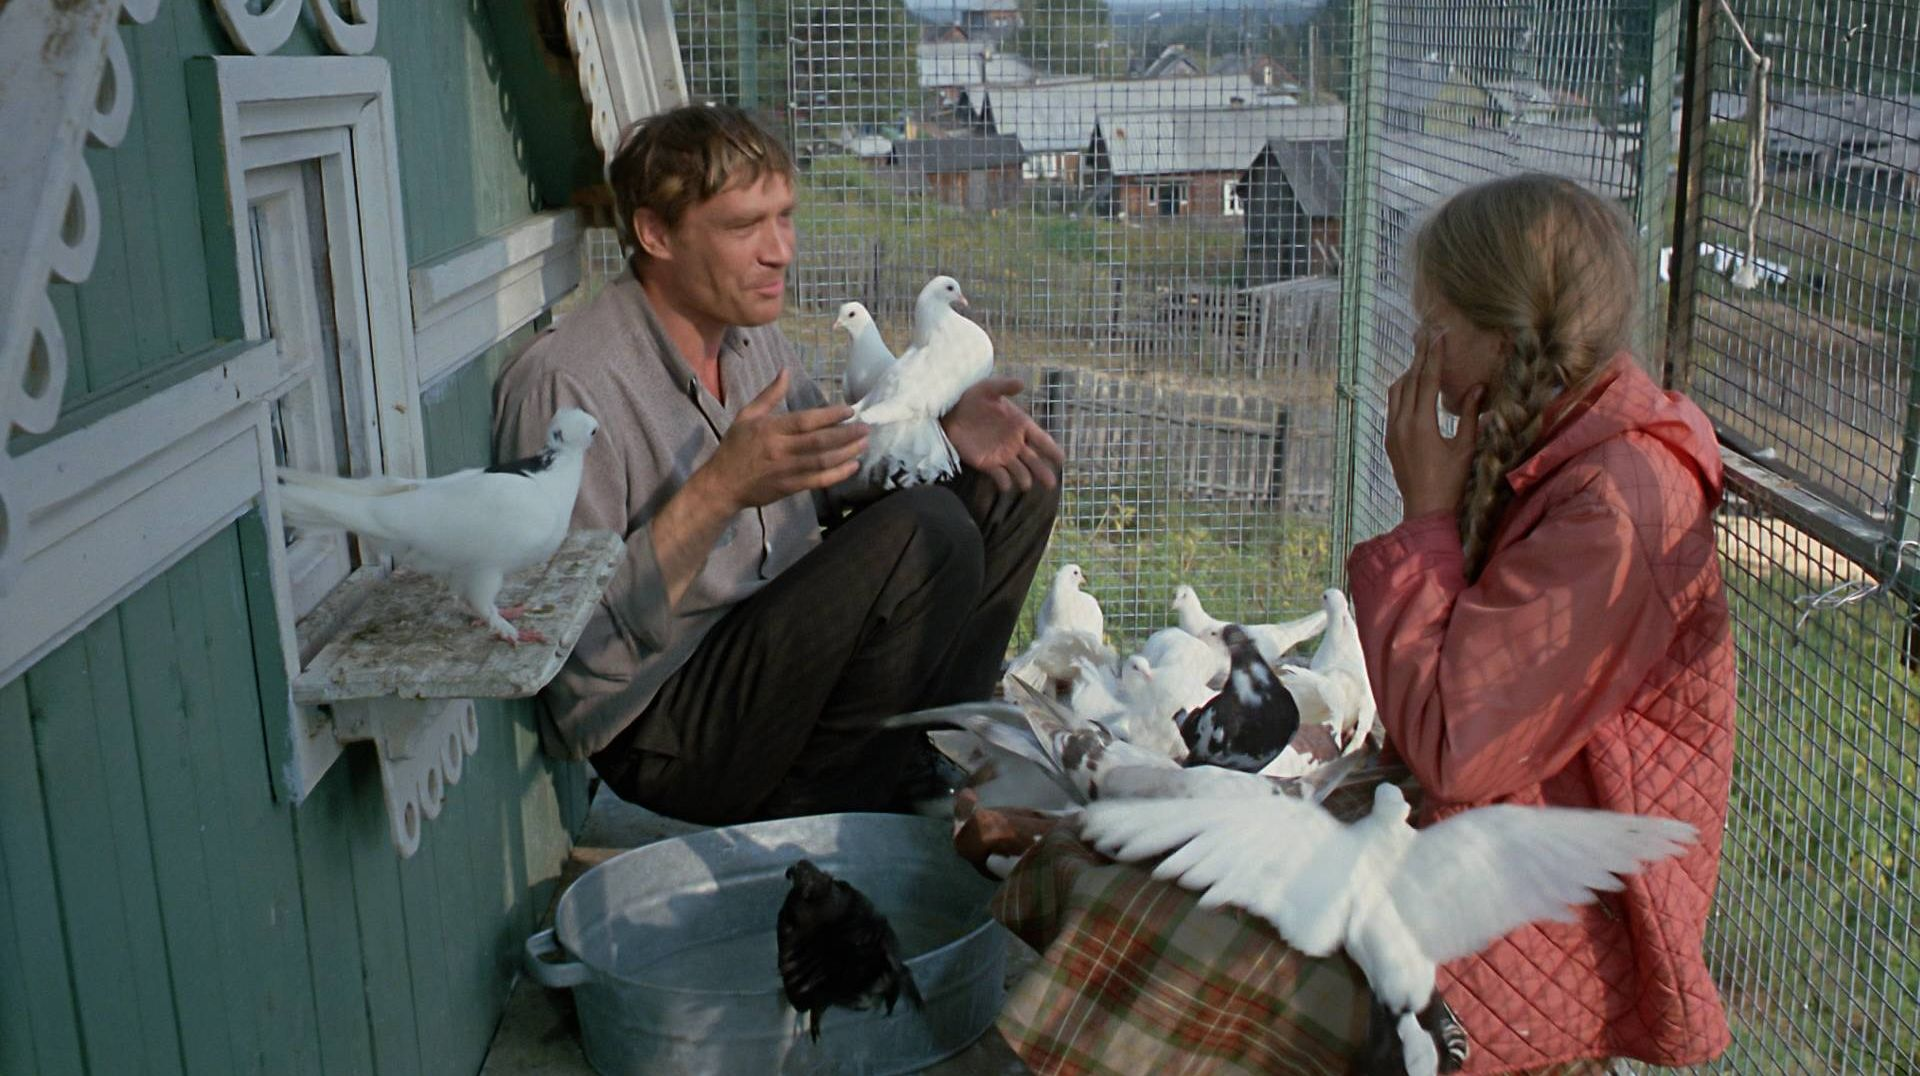 Цитата из к/ф «Любовь и голуби». реж. Владимир Меньшов. 1984.  СССР